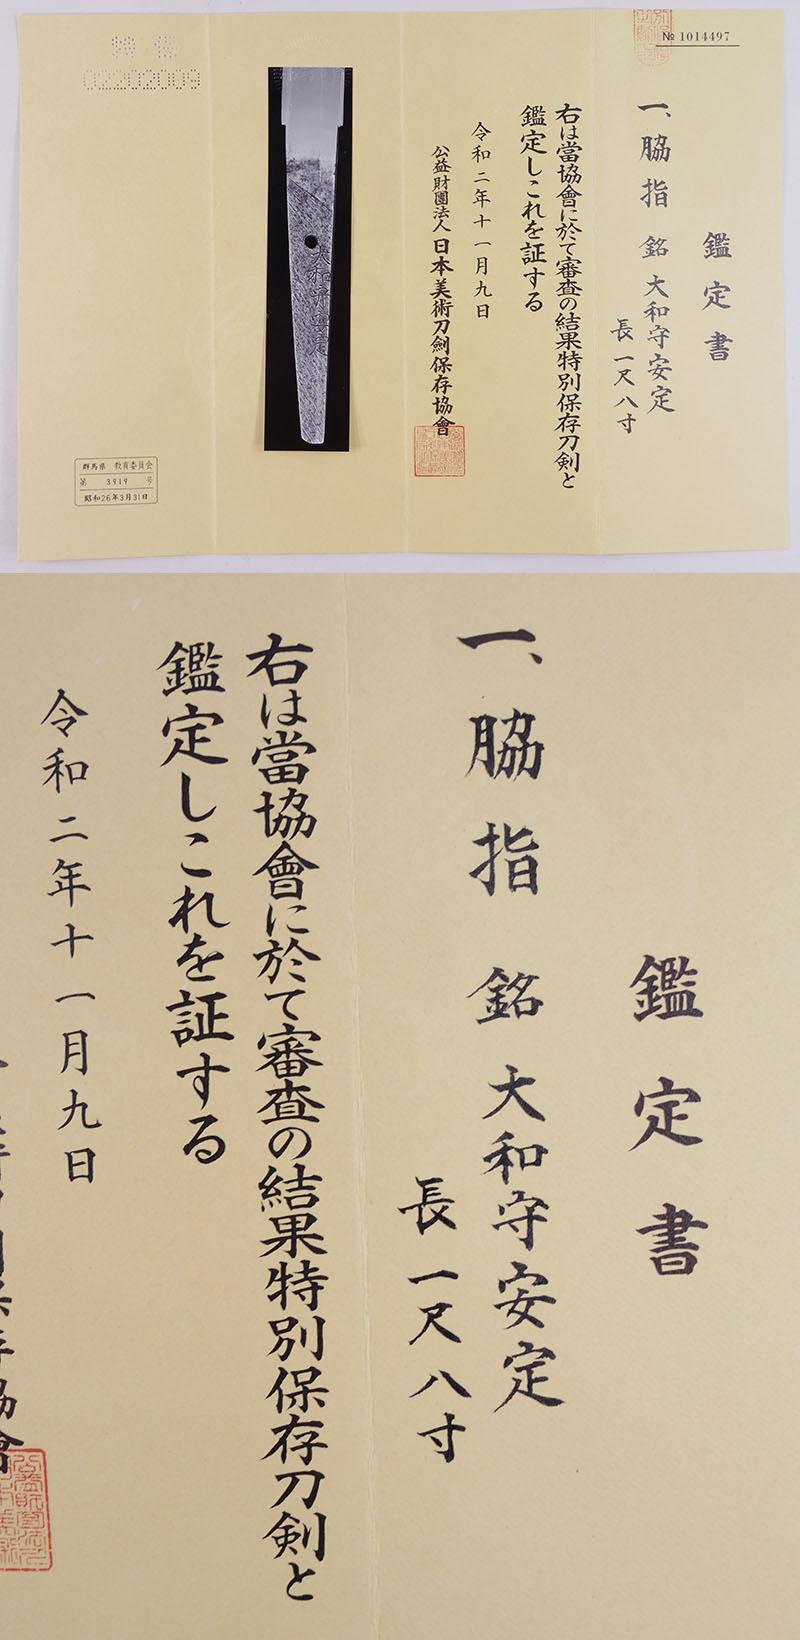 脇差 大和守安定(新刀上作) (良業物) Picture of Certificate